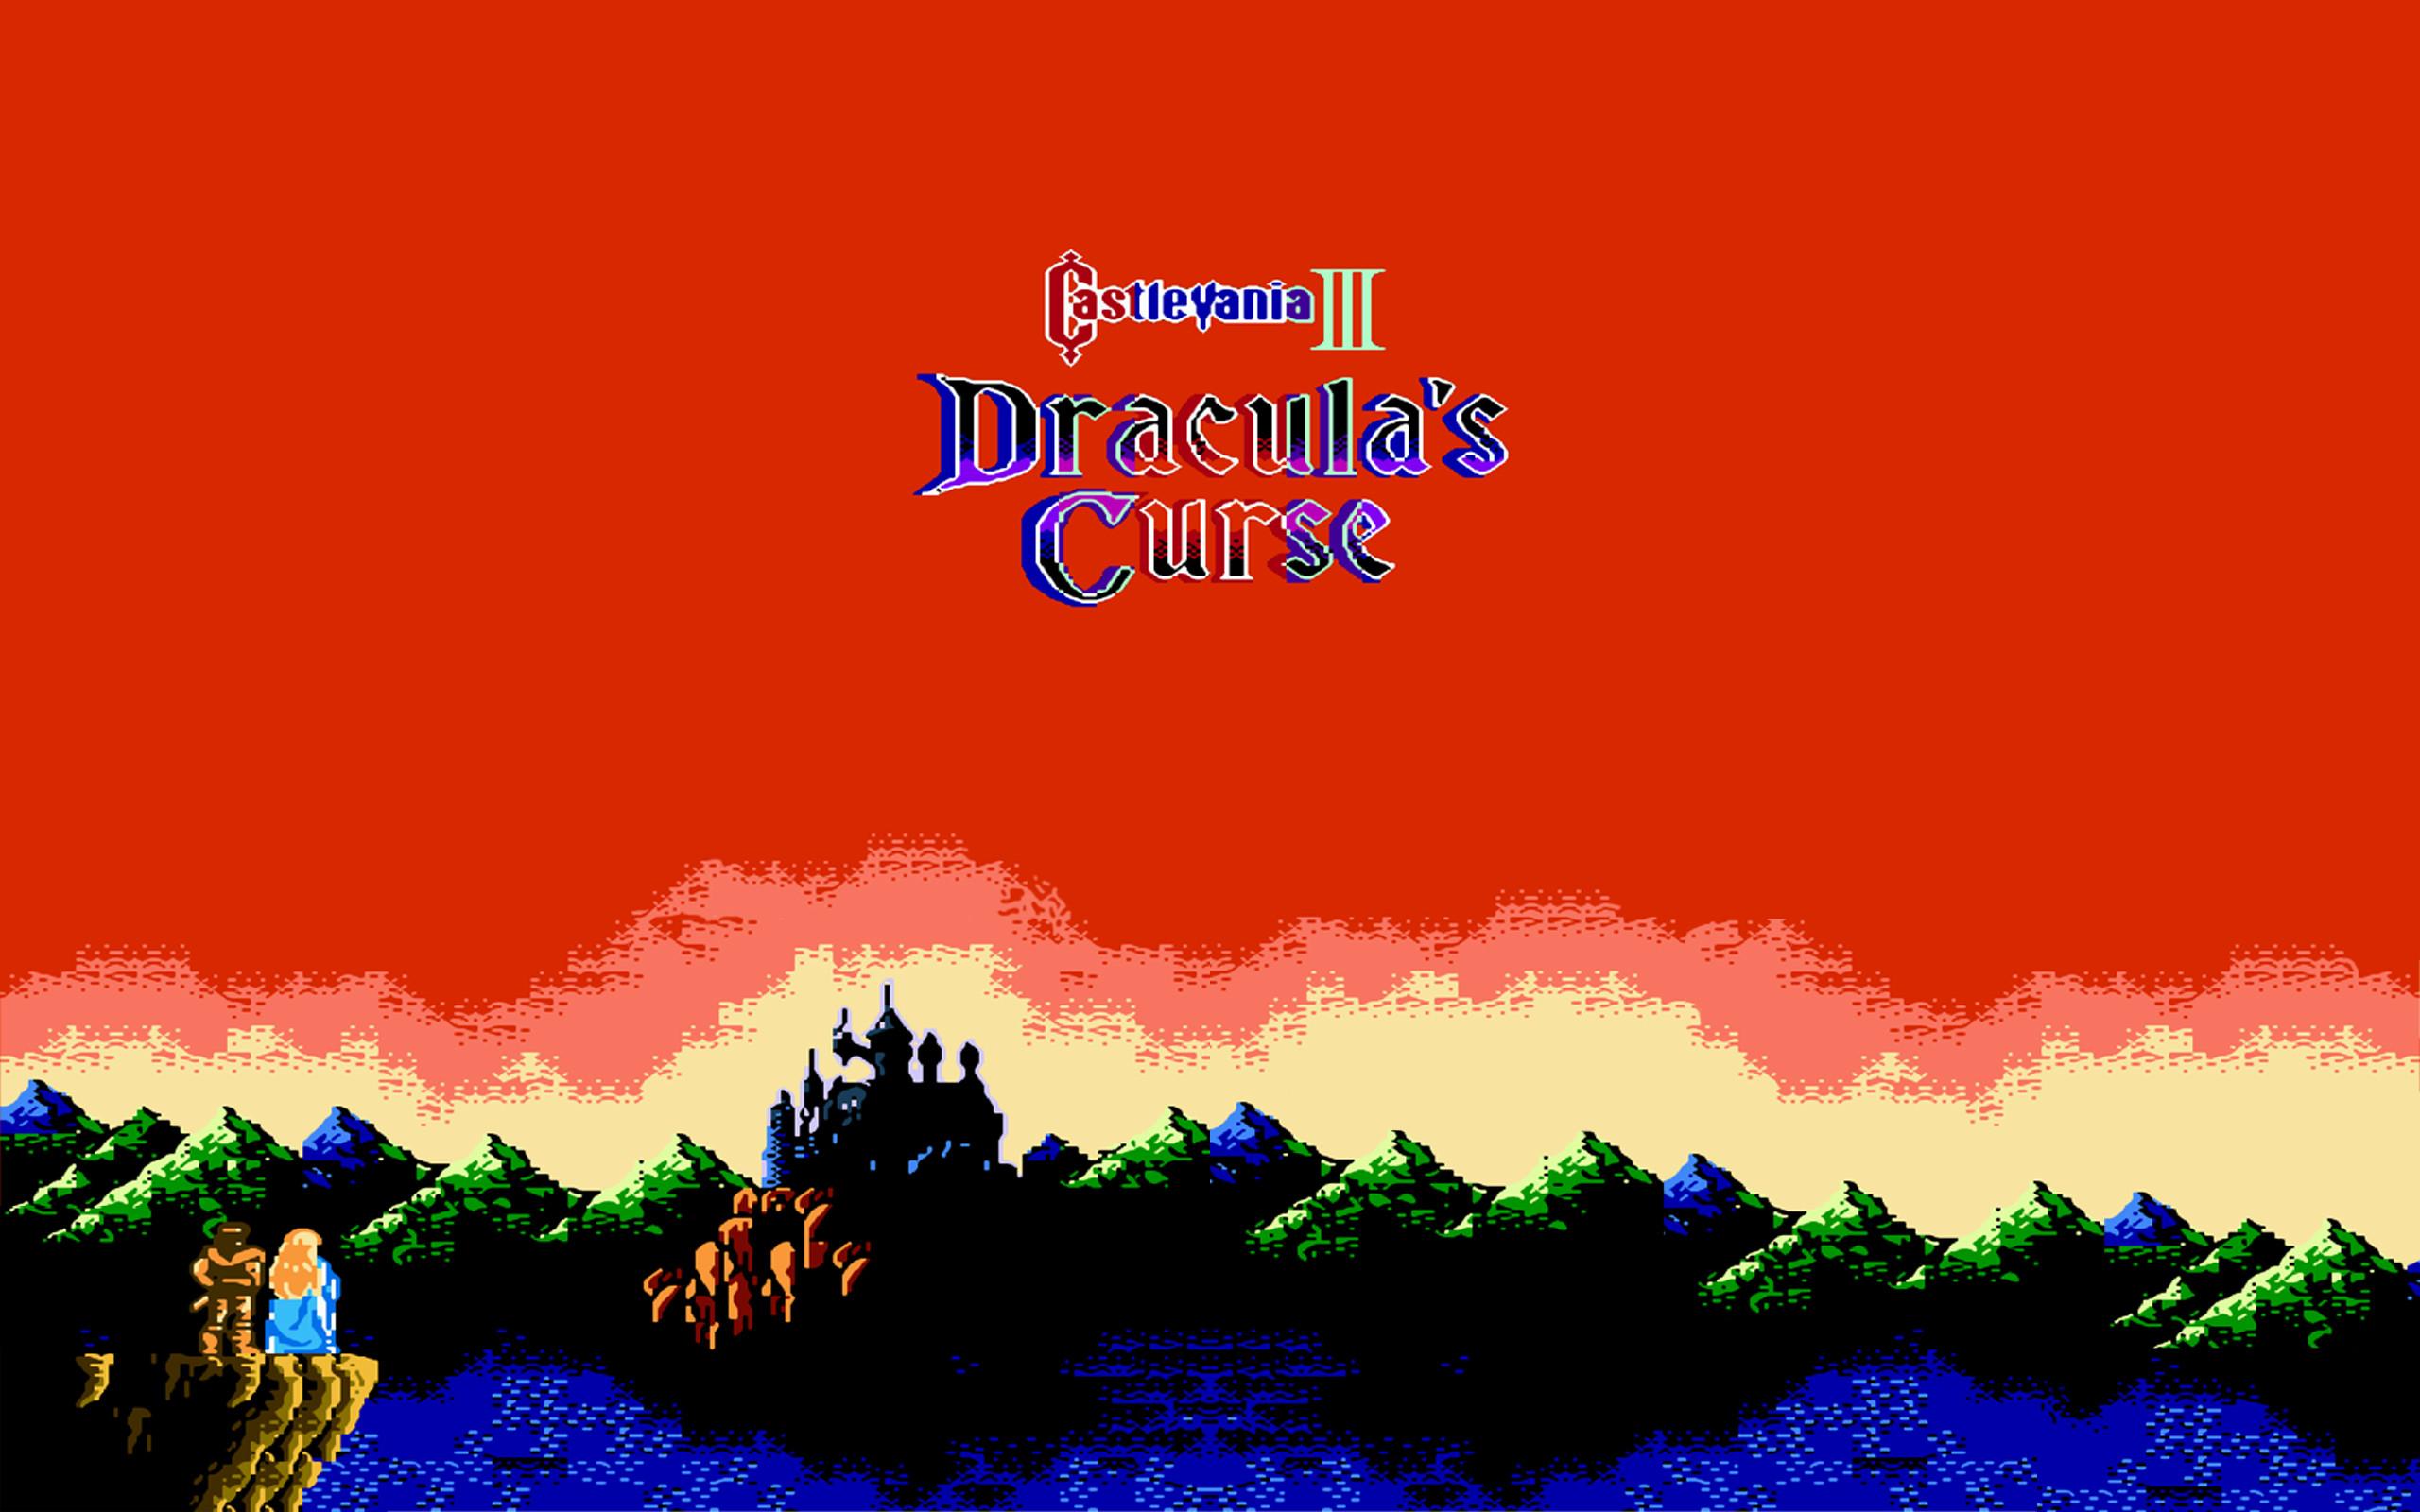 Previous: Castlevania 3: Draculas Curse …